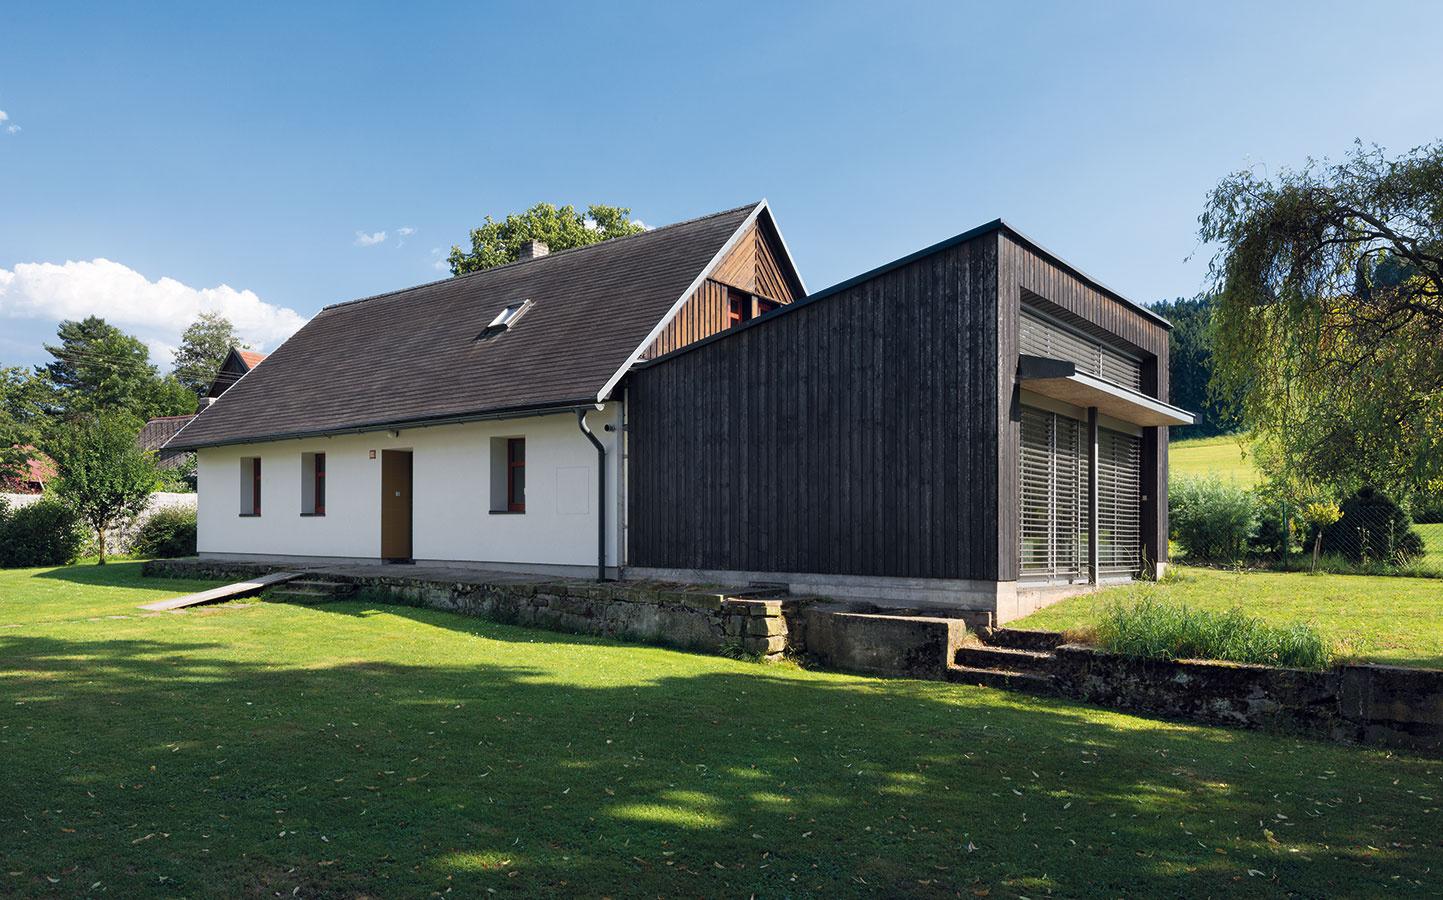 Architekt nechcel ani imitáciu, čo sa tvári staro, ani luxusnú a namyslenú prístavbu. Výsledkom je moderná, ale příjemná prístavba.